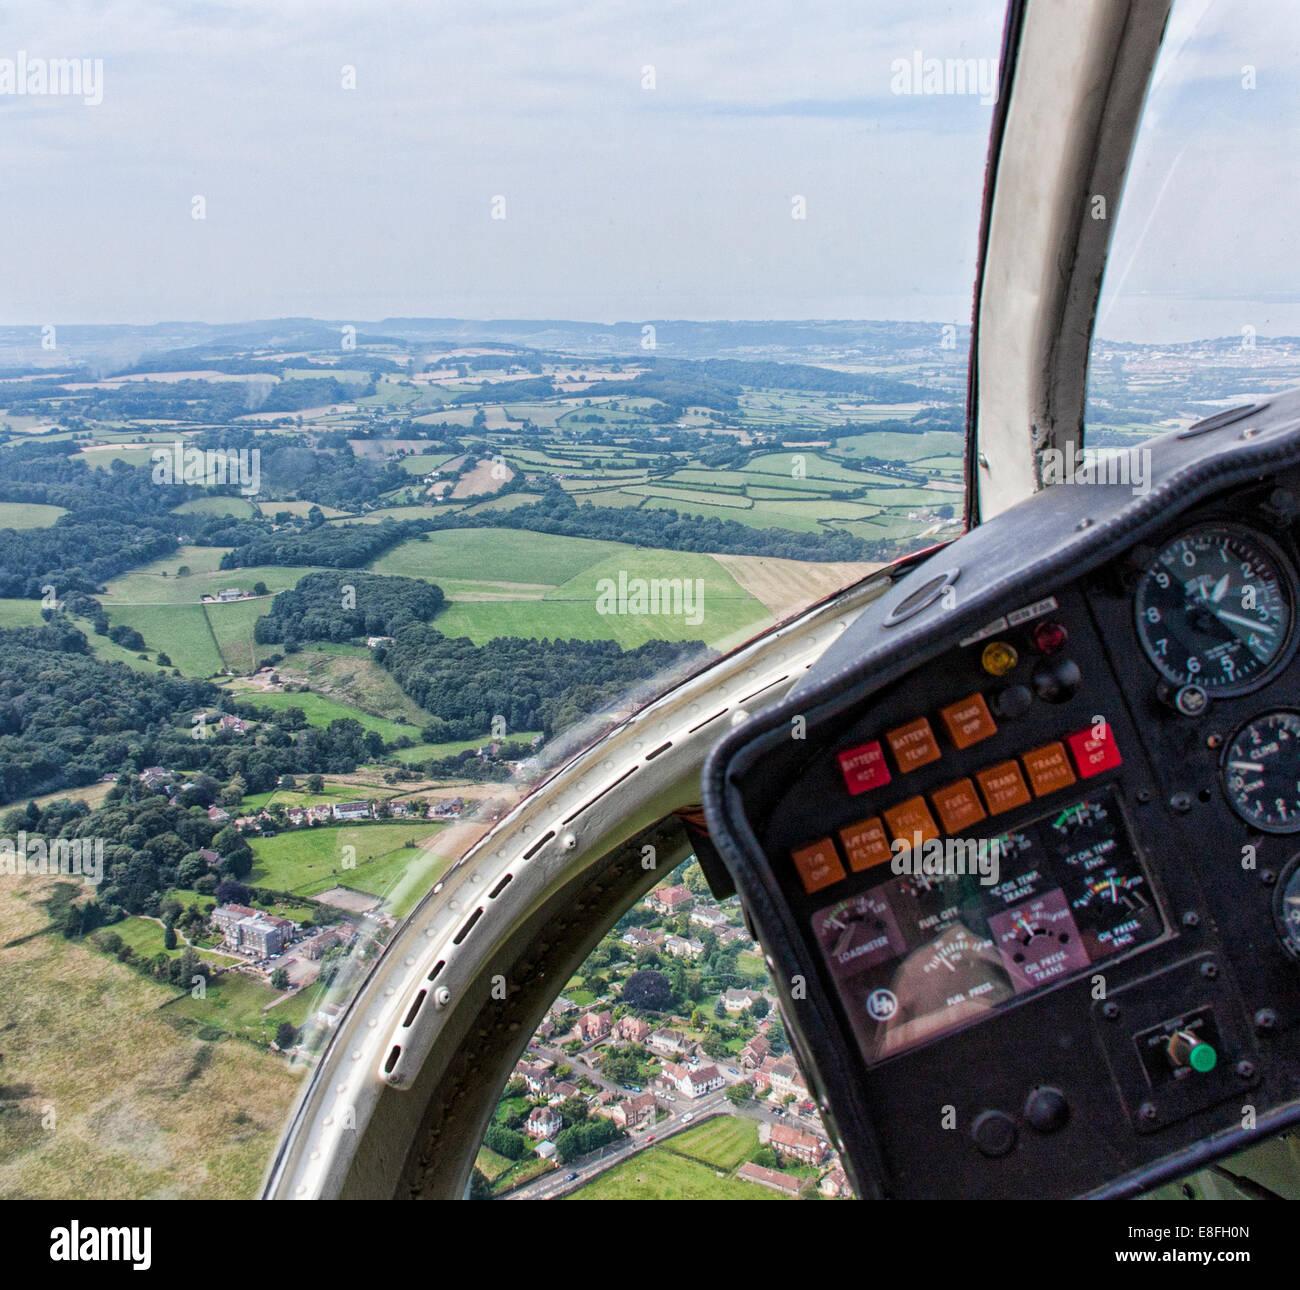 Paisaje rural desde el interior de un helicóptero, Inglaterra, Reino Unido. Imagen De Stock